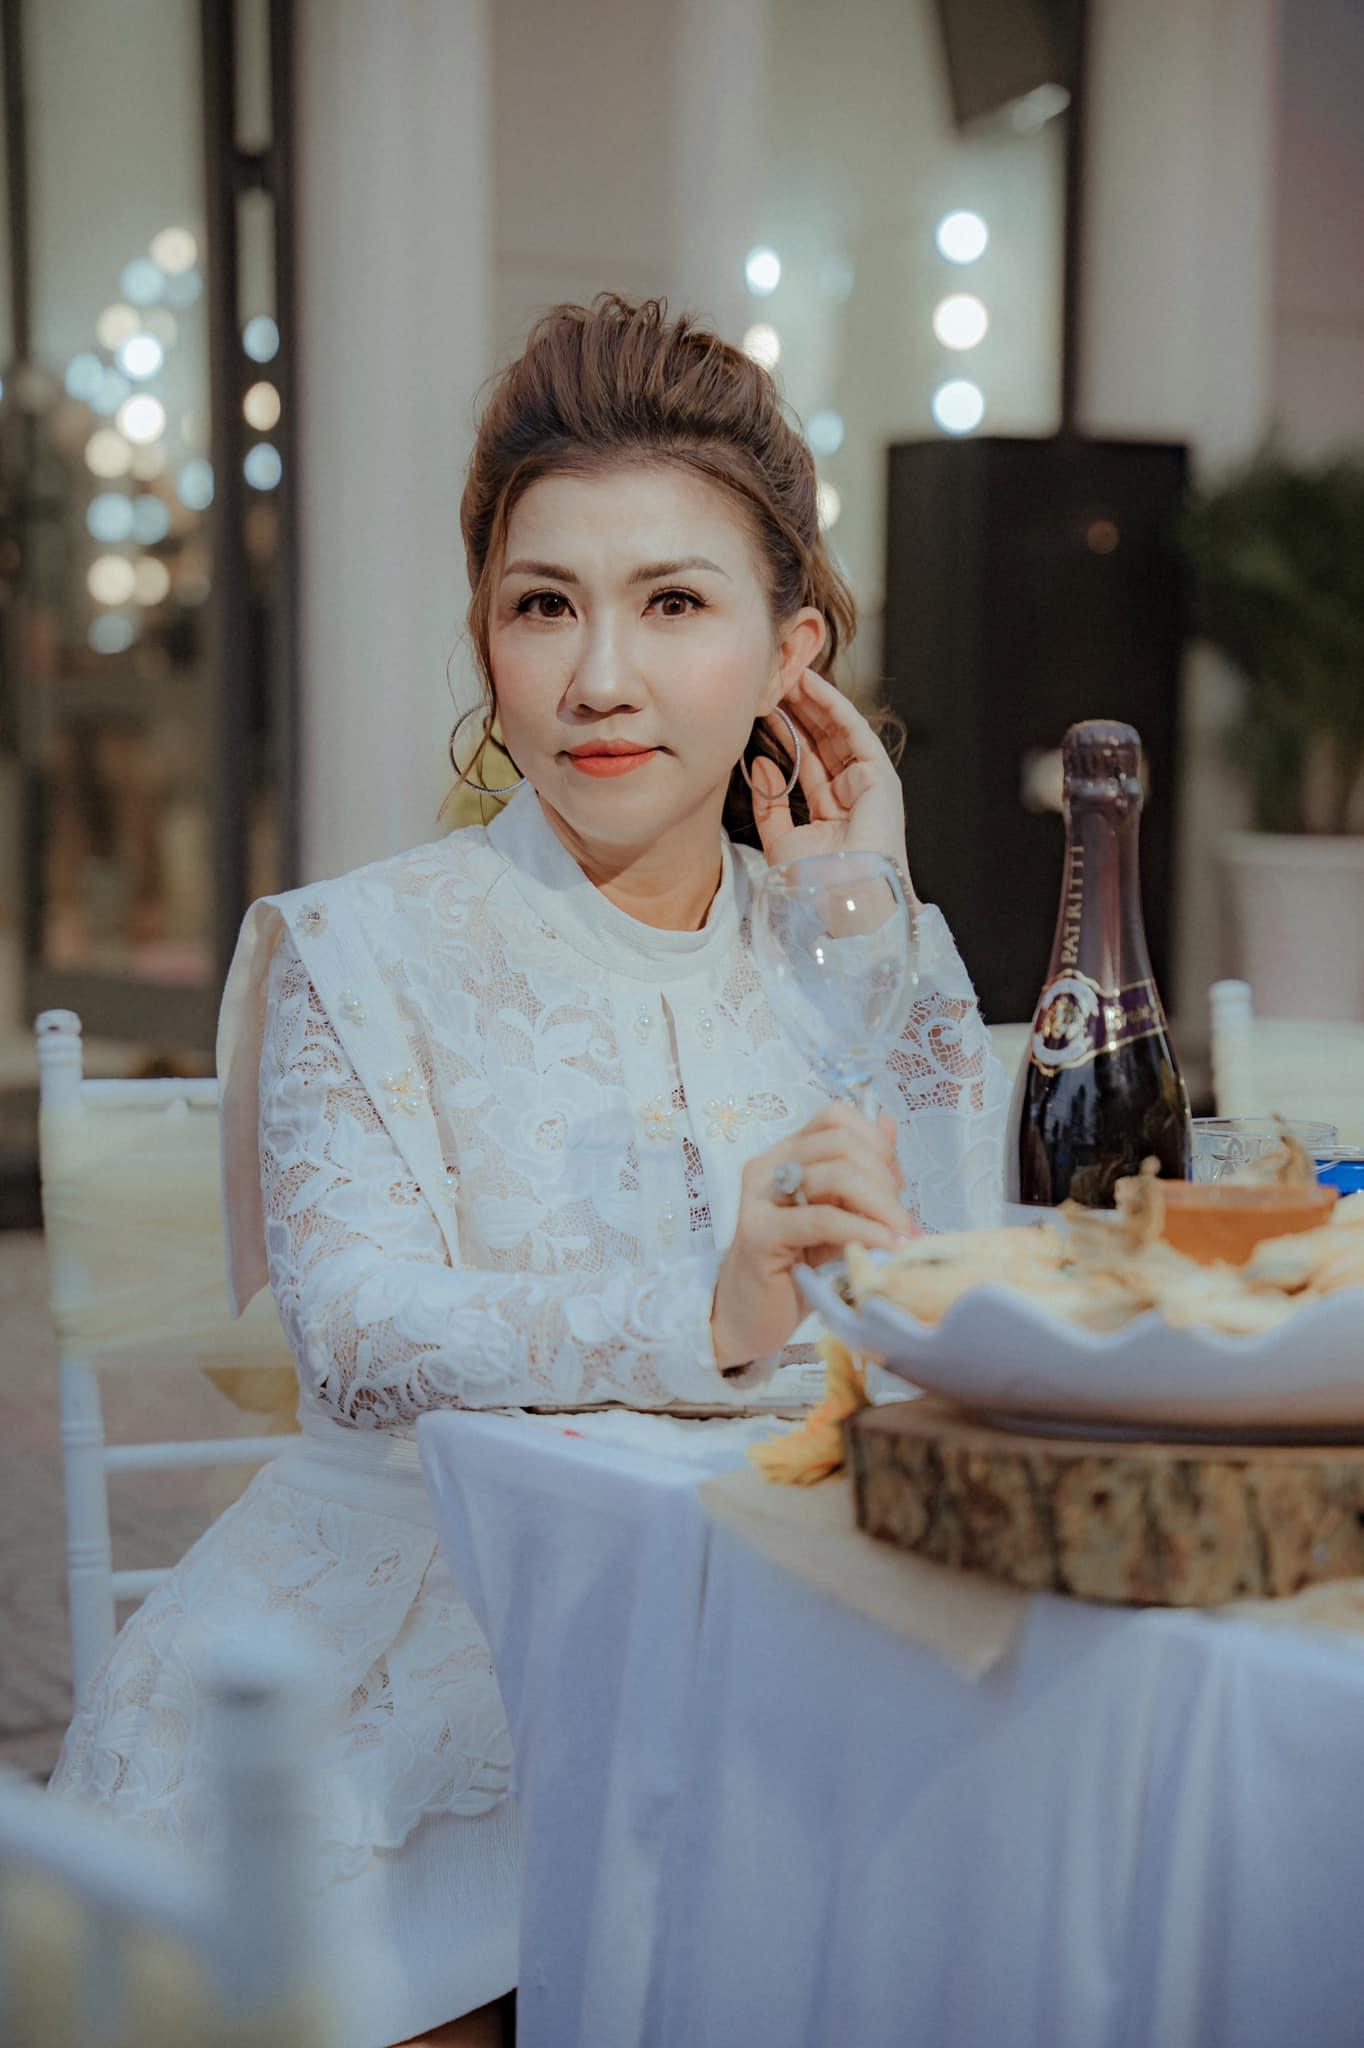 Top 5 tiệm trang điểm cô dâu đẹp nhất tại Vĩnh Long -  Vân Trang Make up Store